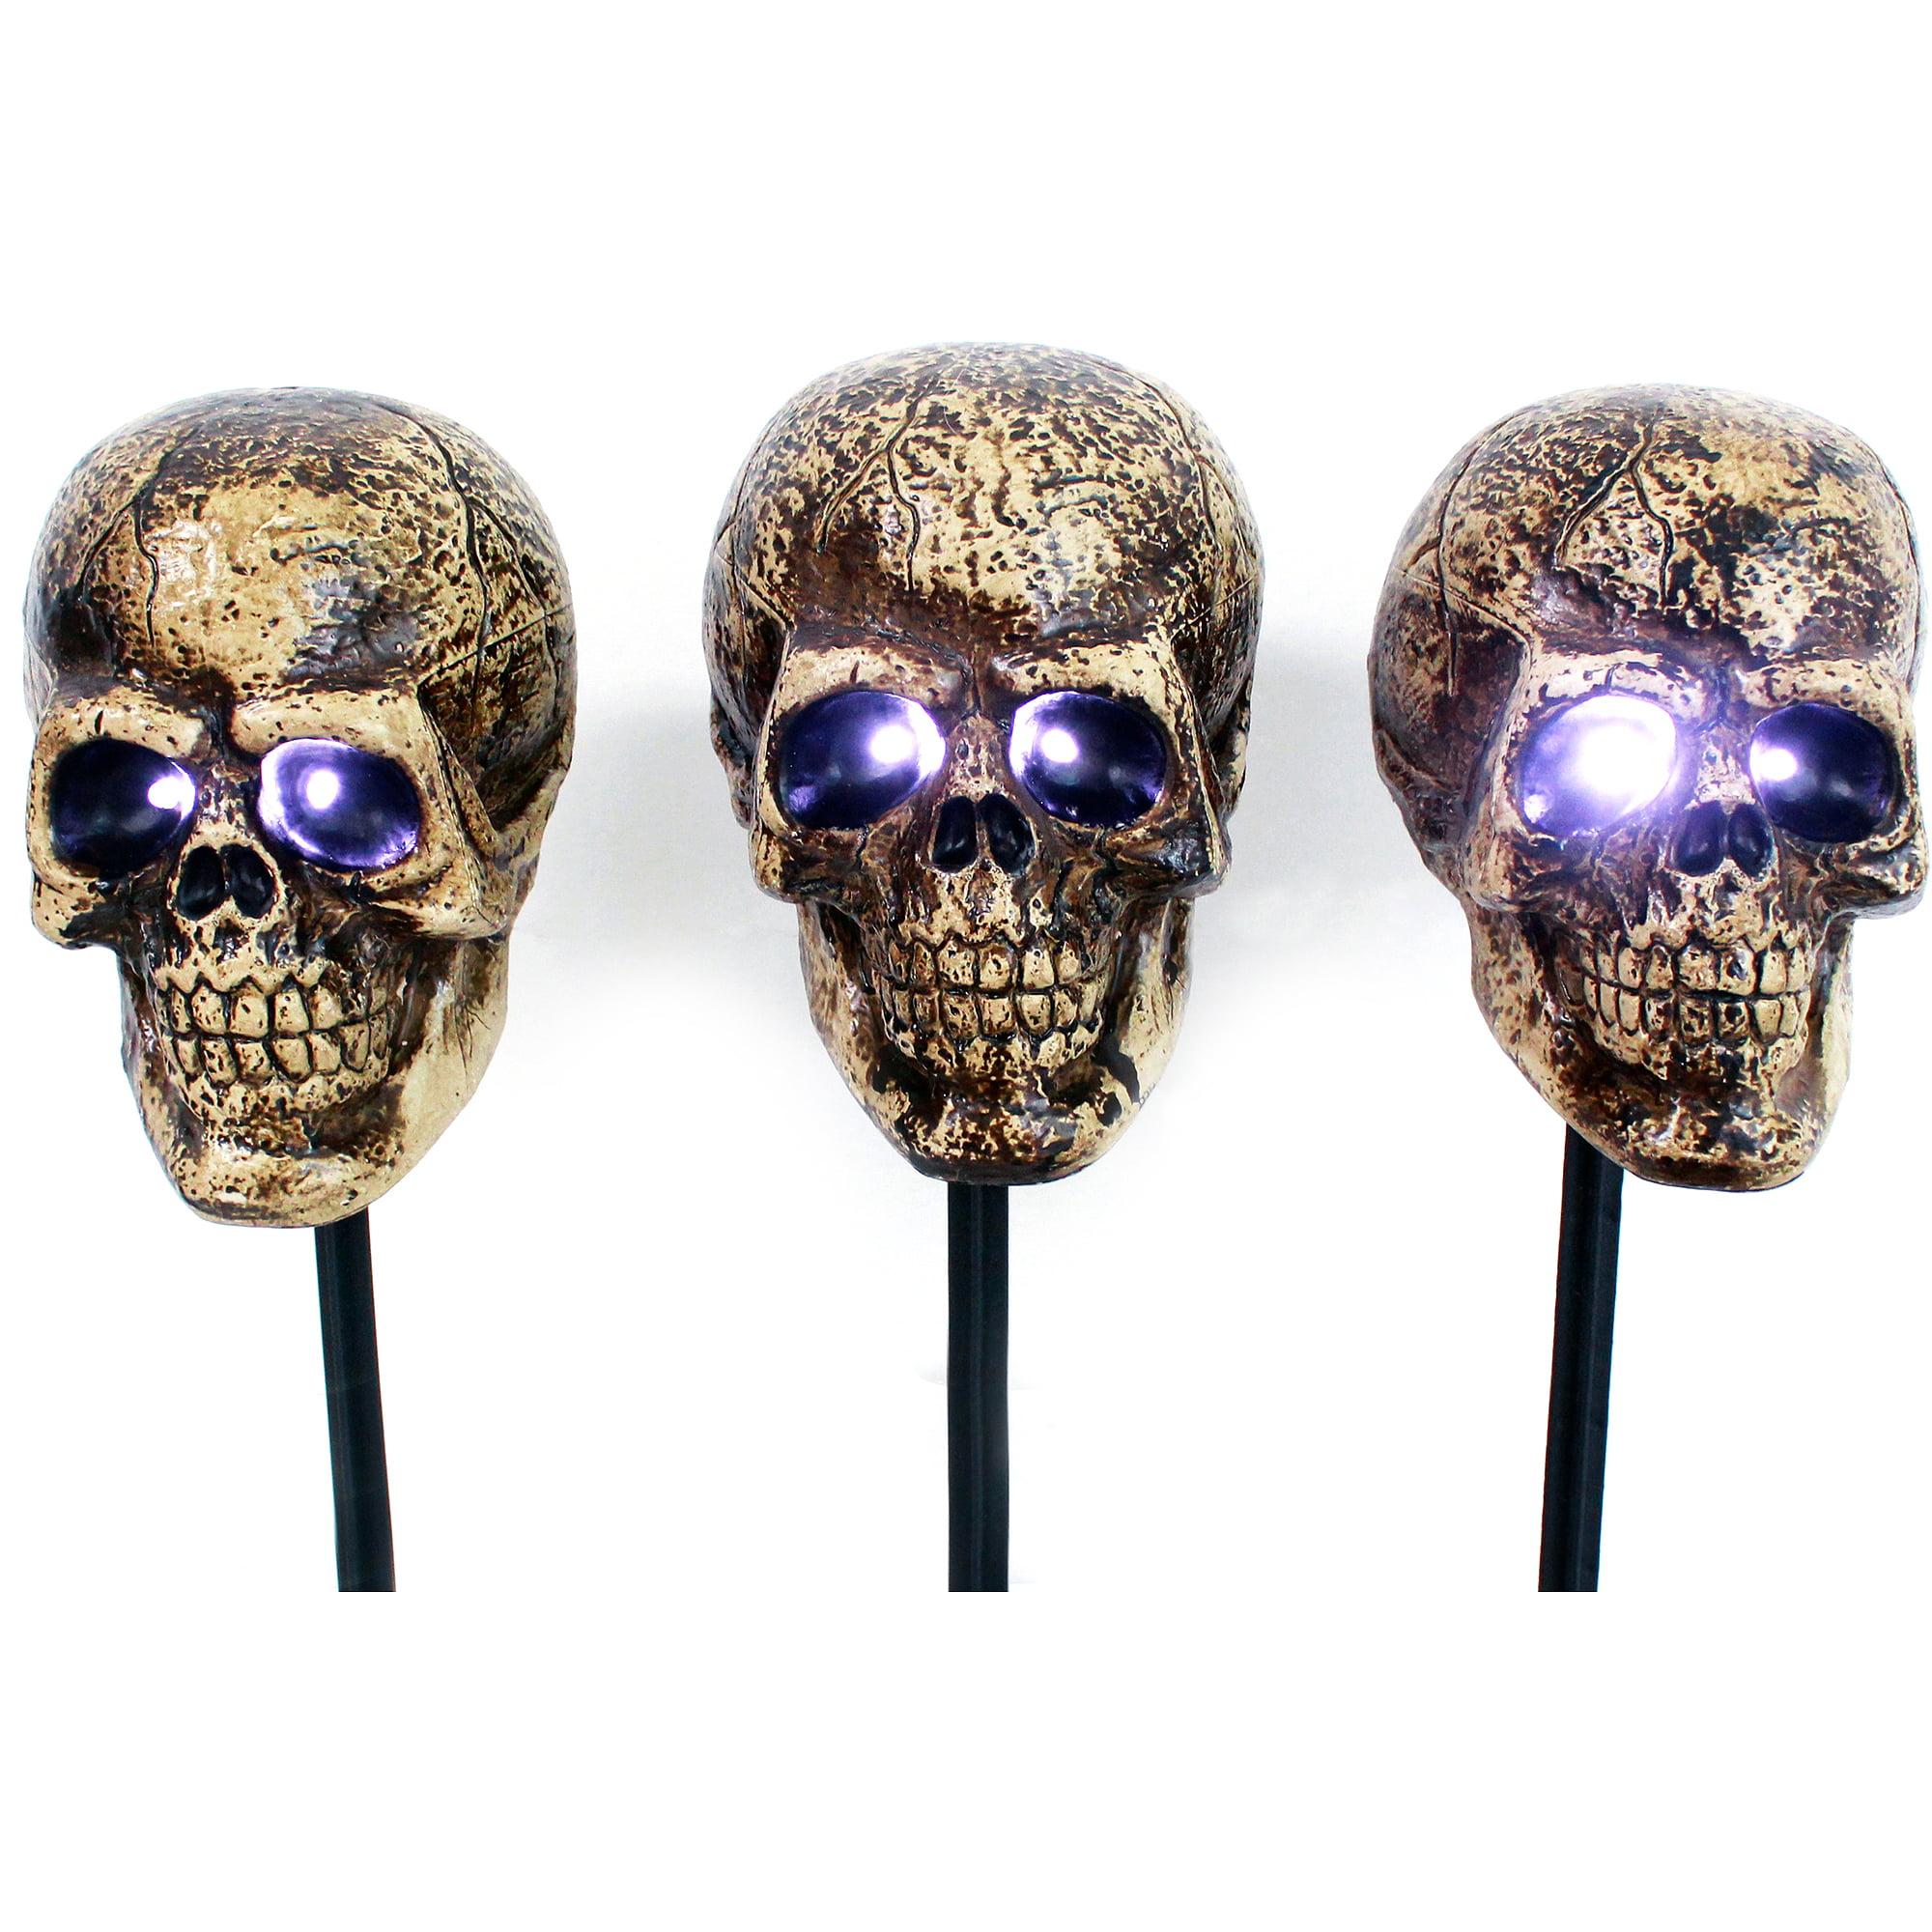 halloween skull markers 3pk halloween decoration walmartcom - Halloween Skull Decorations